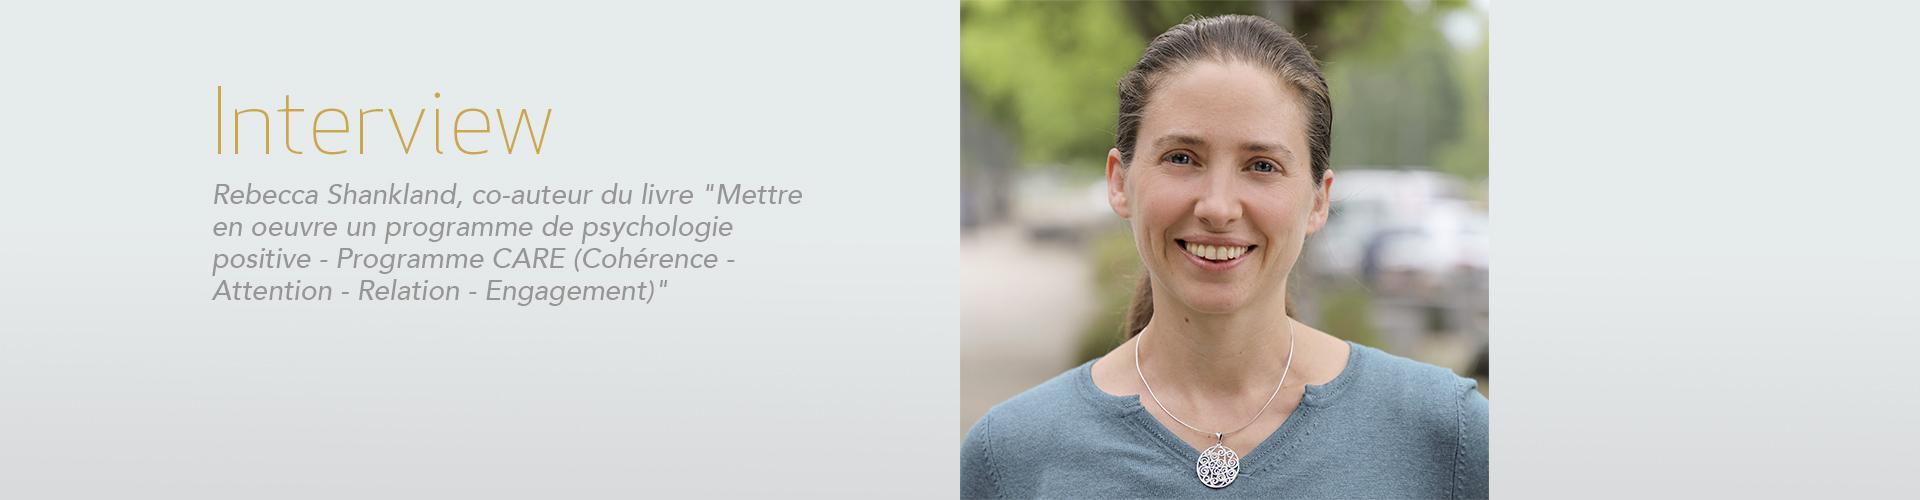 """Interview Rebecca Shankland co-auteur du livre """"Mettre en oeuvre un programme de psychologie positive"""" Programme CARE"""